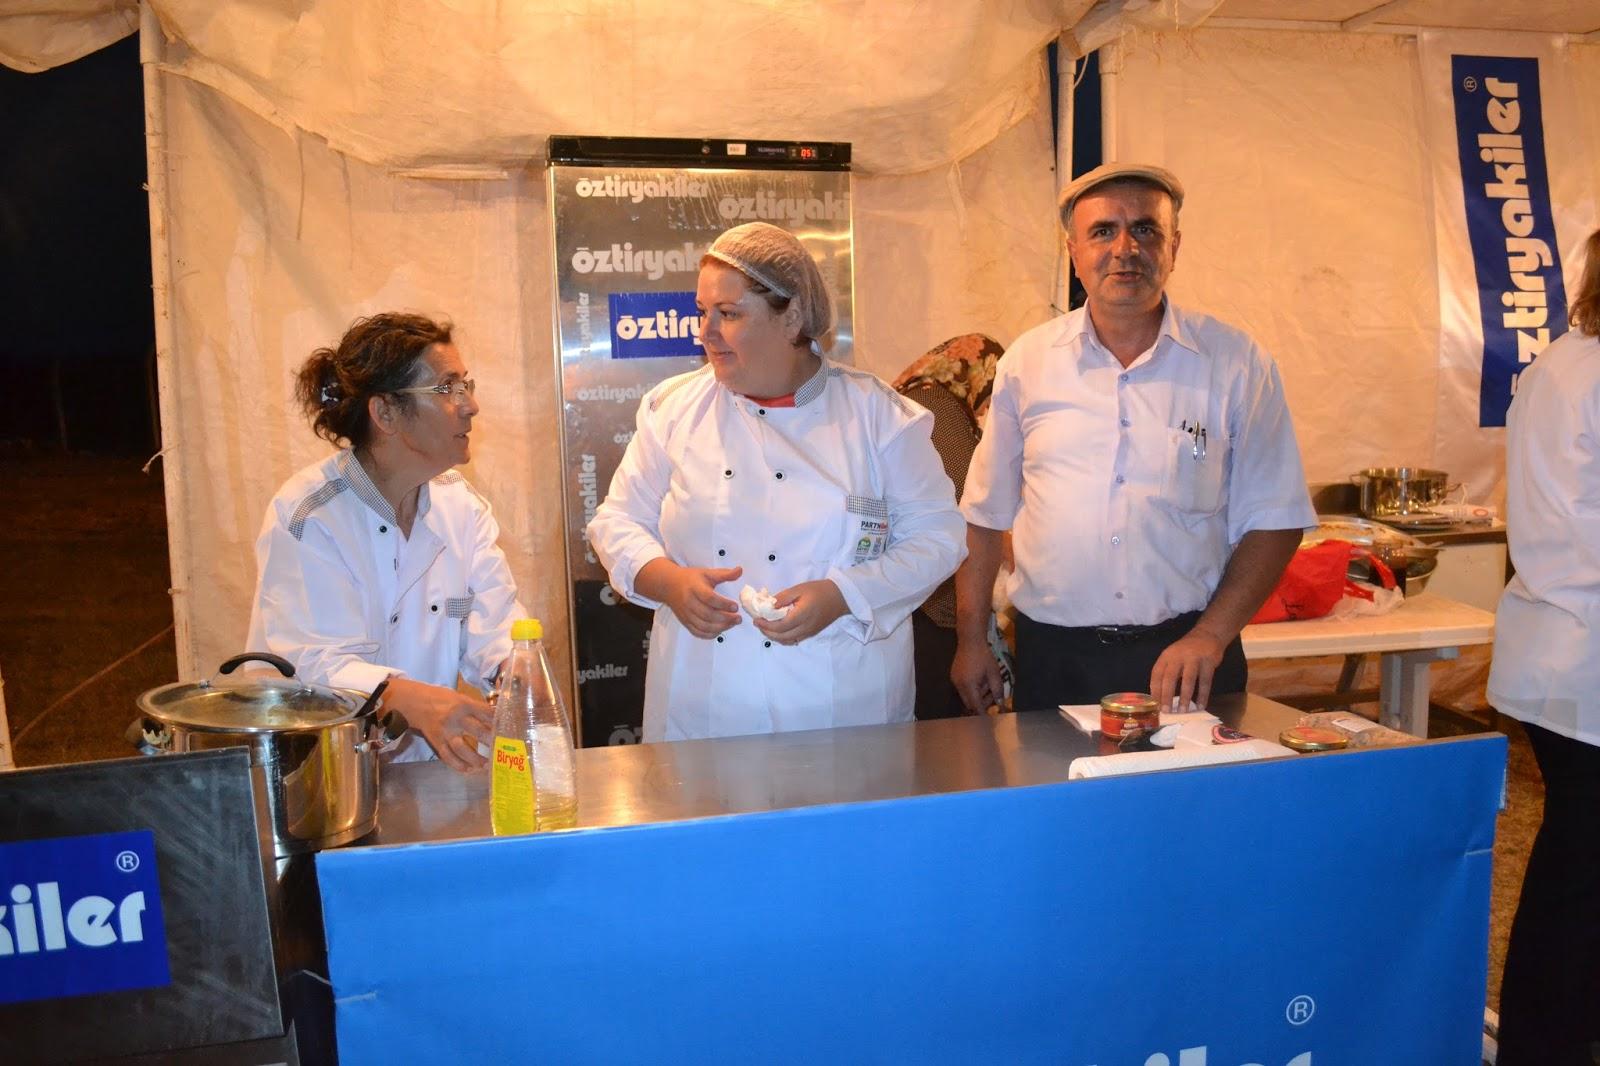 66 yaşındaki Emine teyze dondurmacı oldu